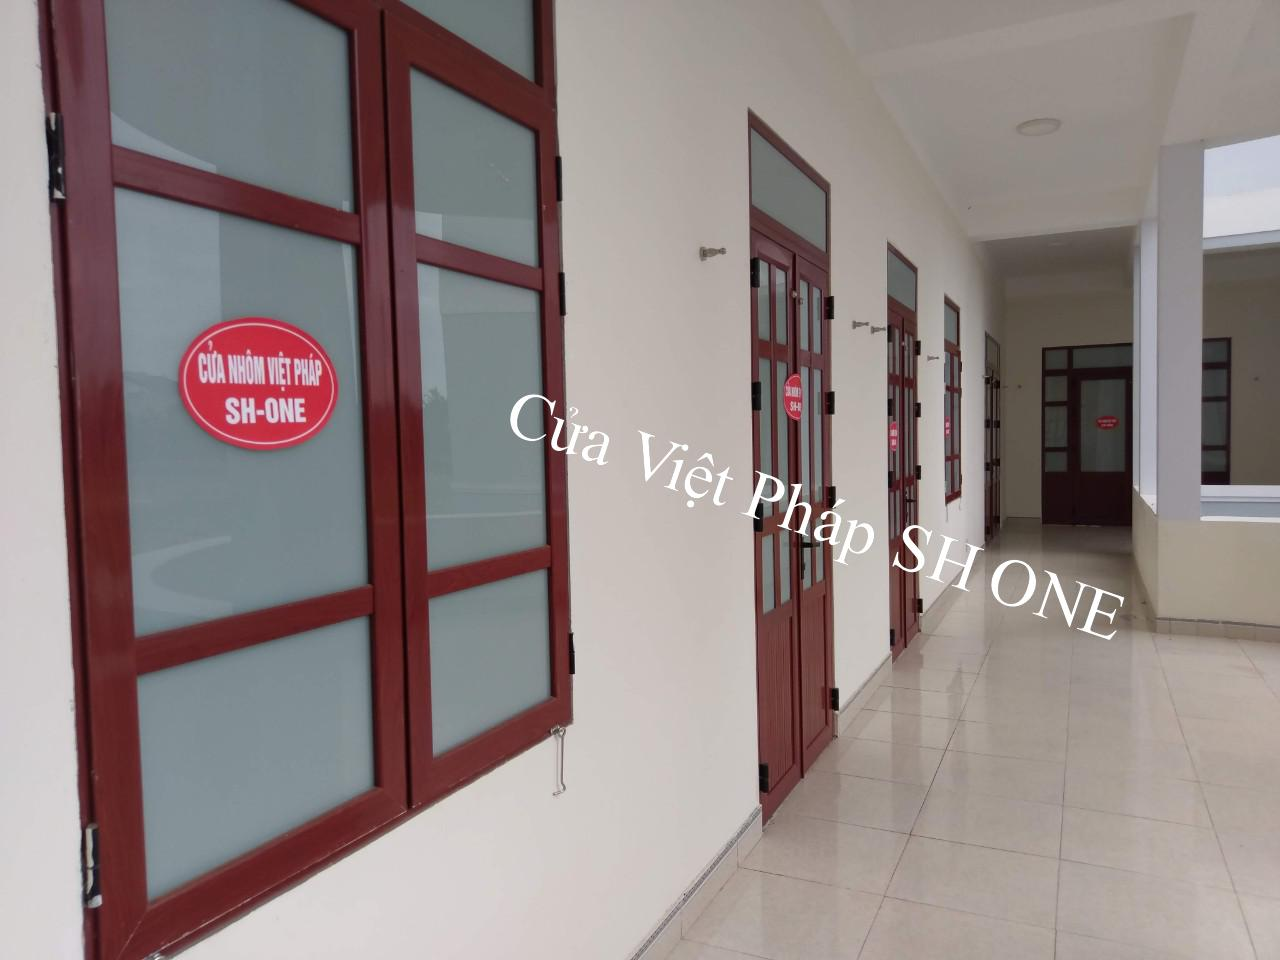 Mẫu Cửa Việt Pháp SH ONE